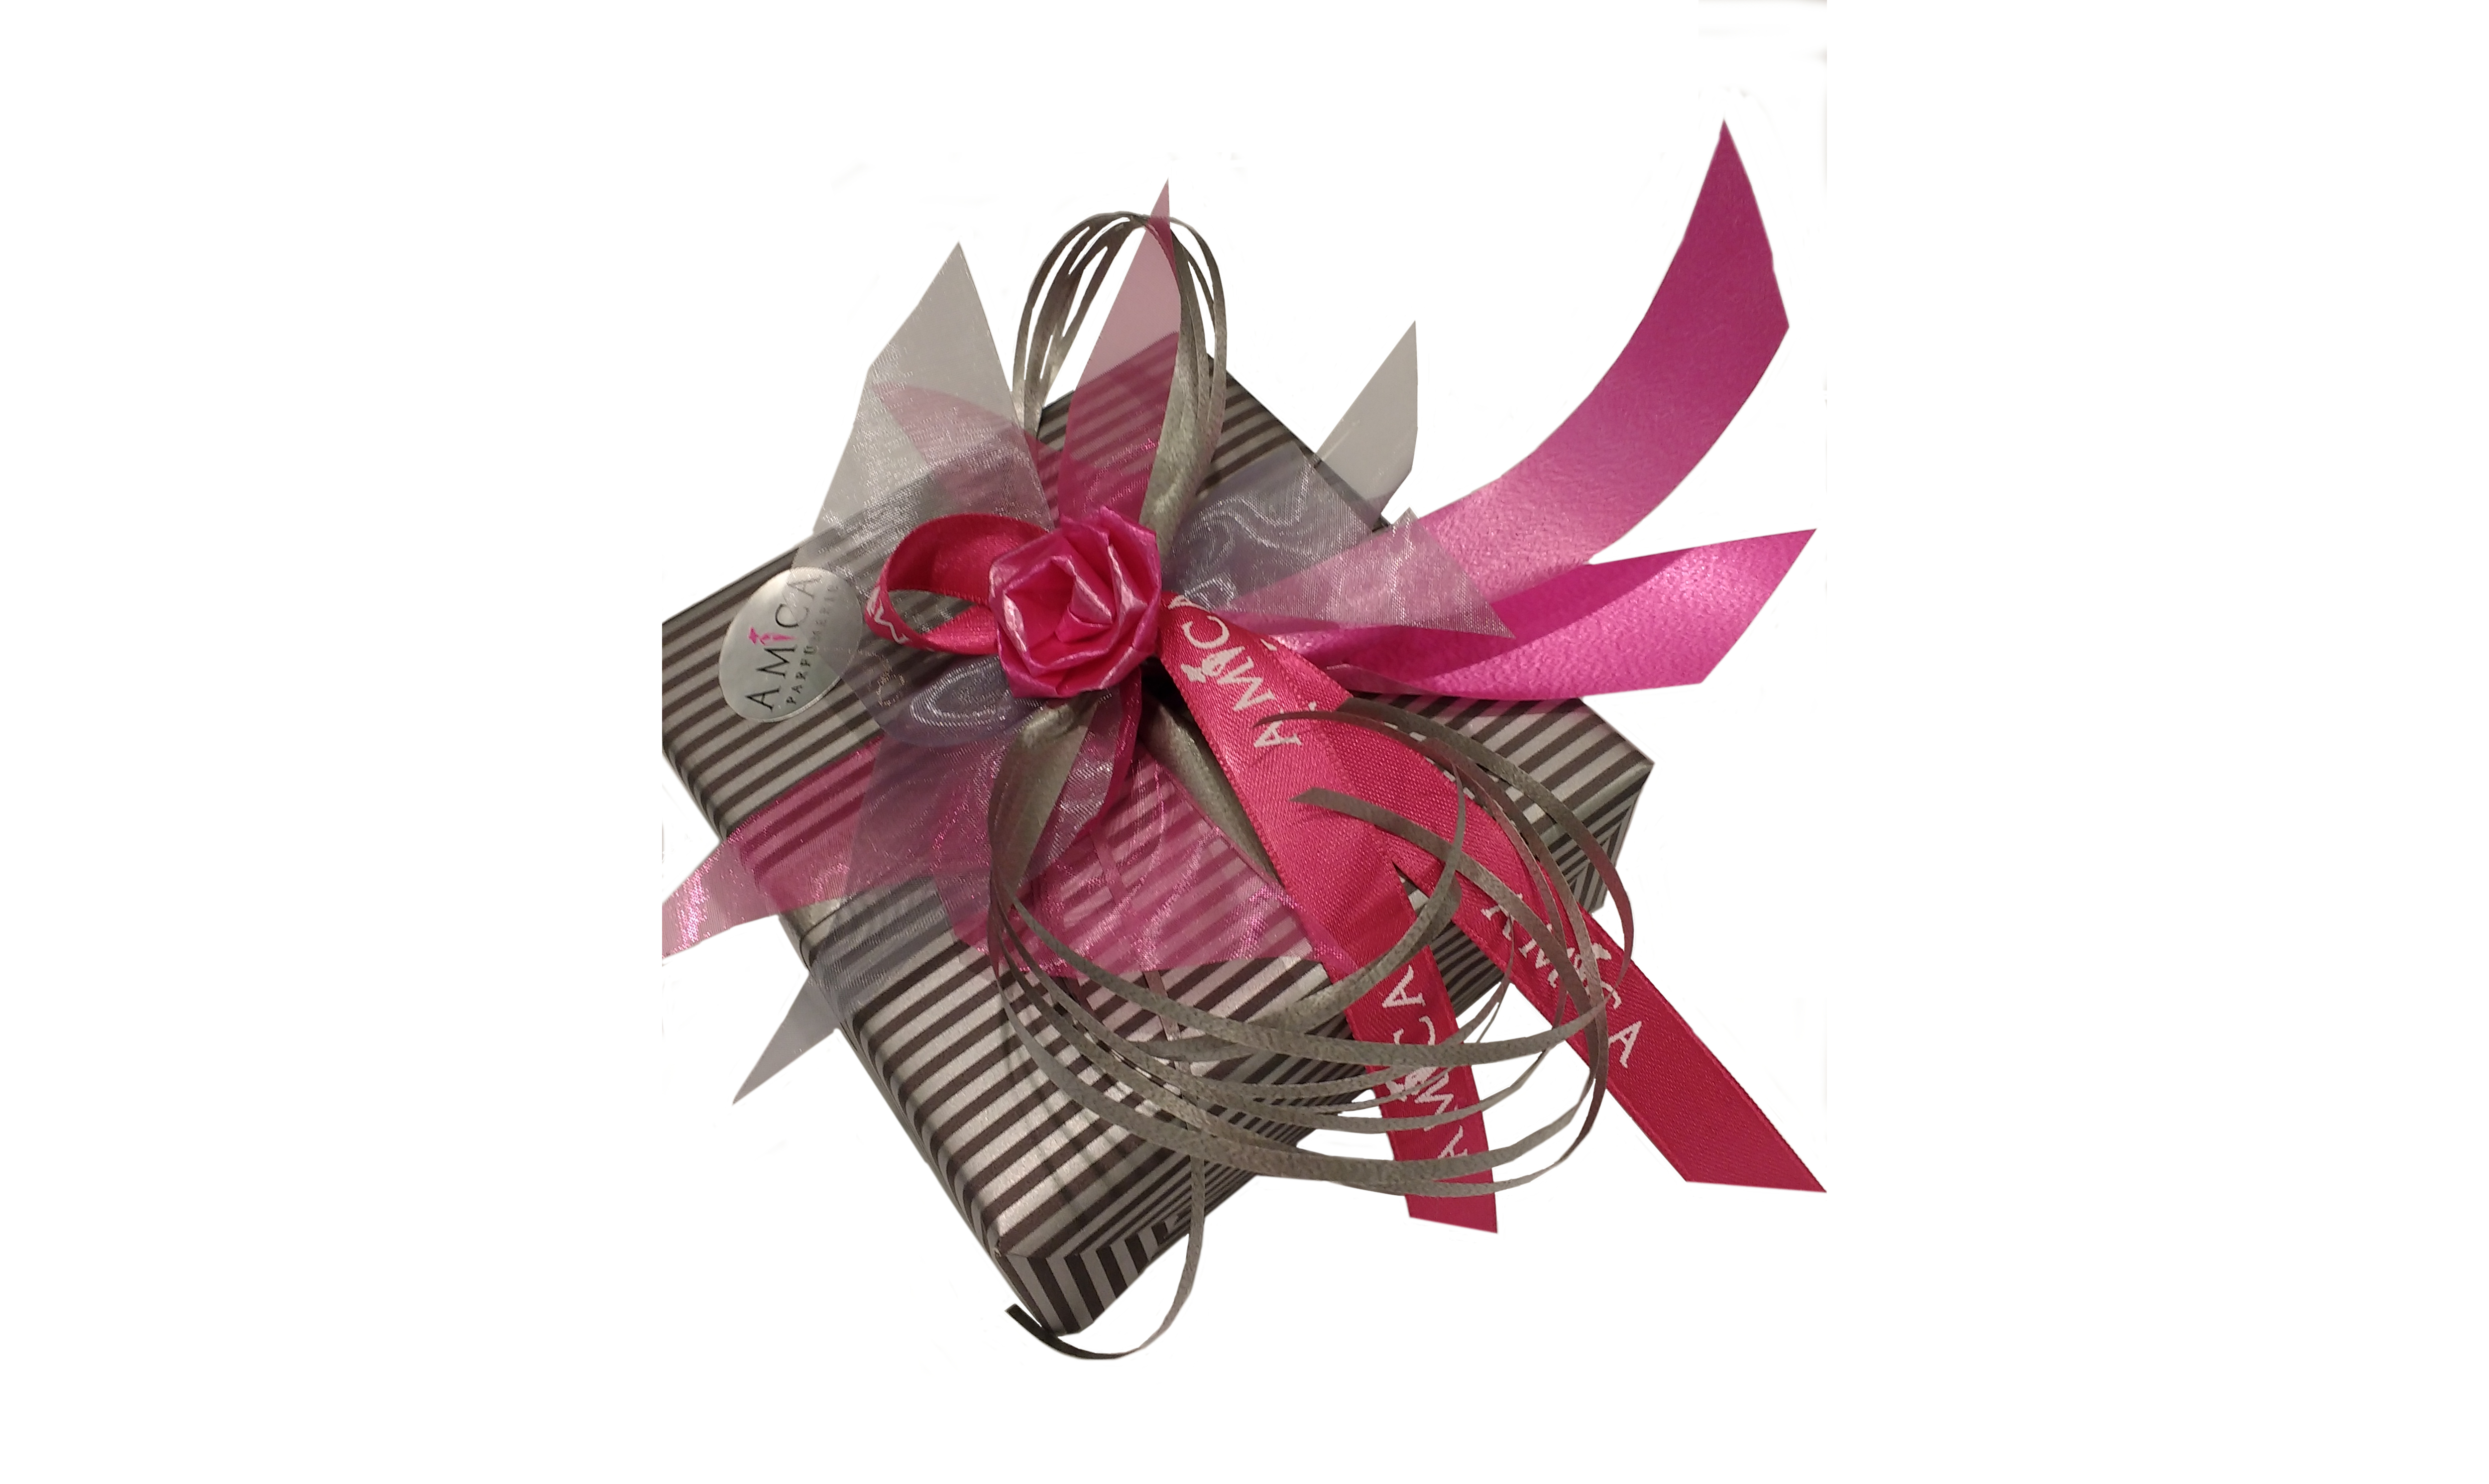 geschenk-amica-langformat